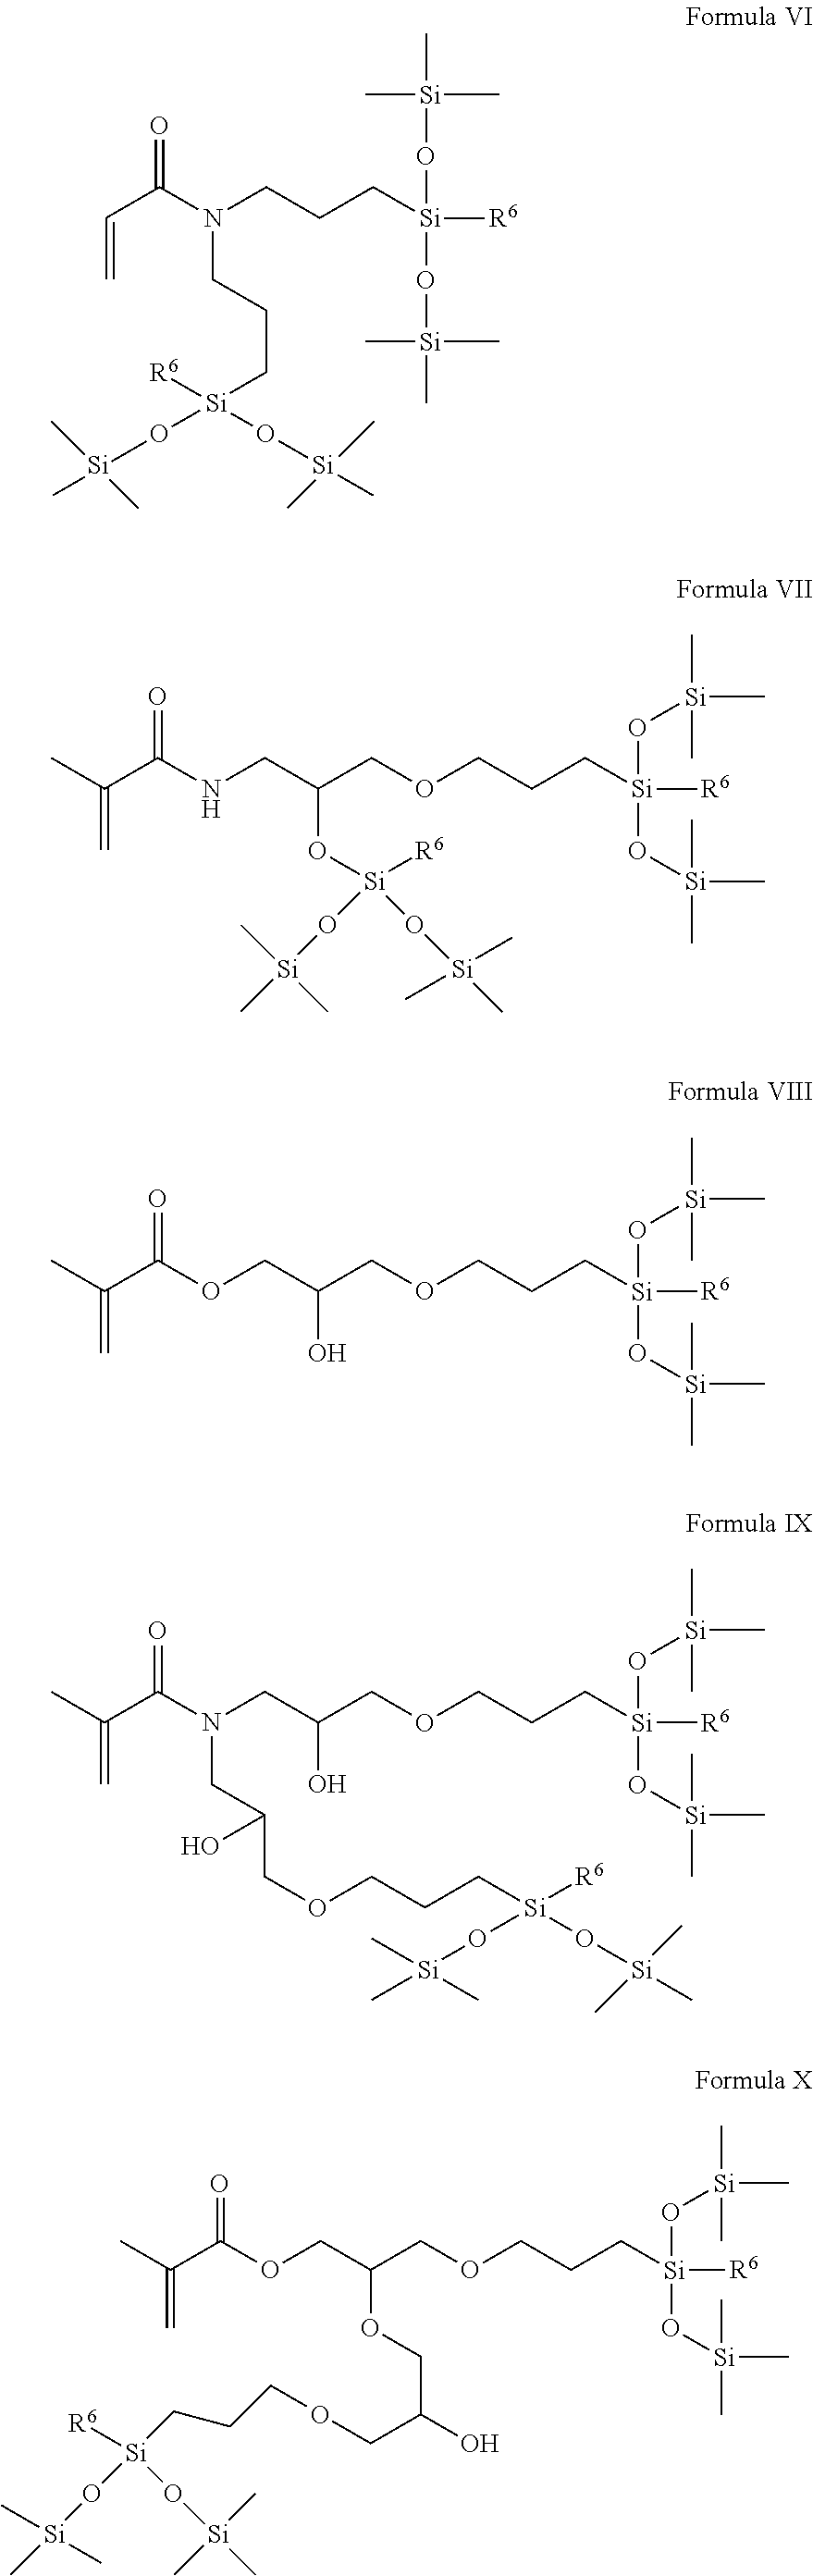 Figure US20180011223A1-20180111-C00002